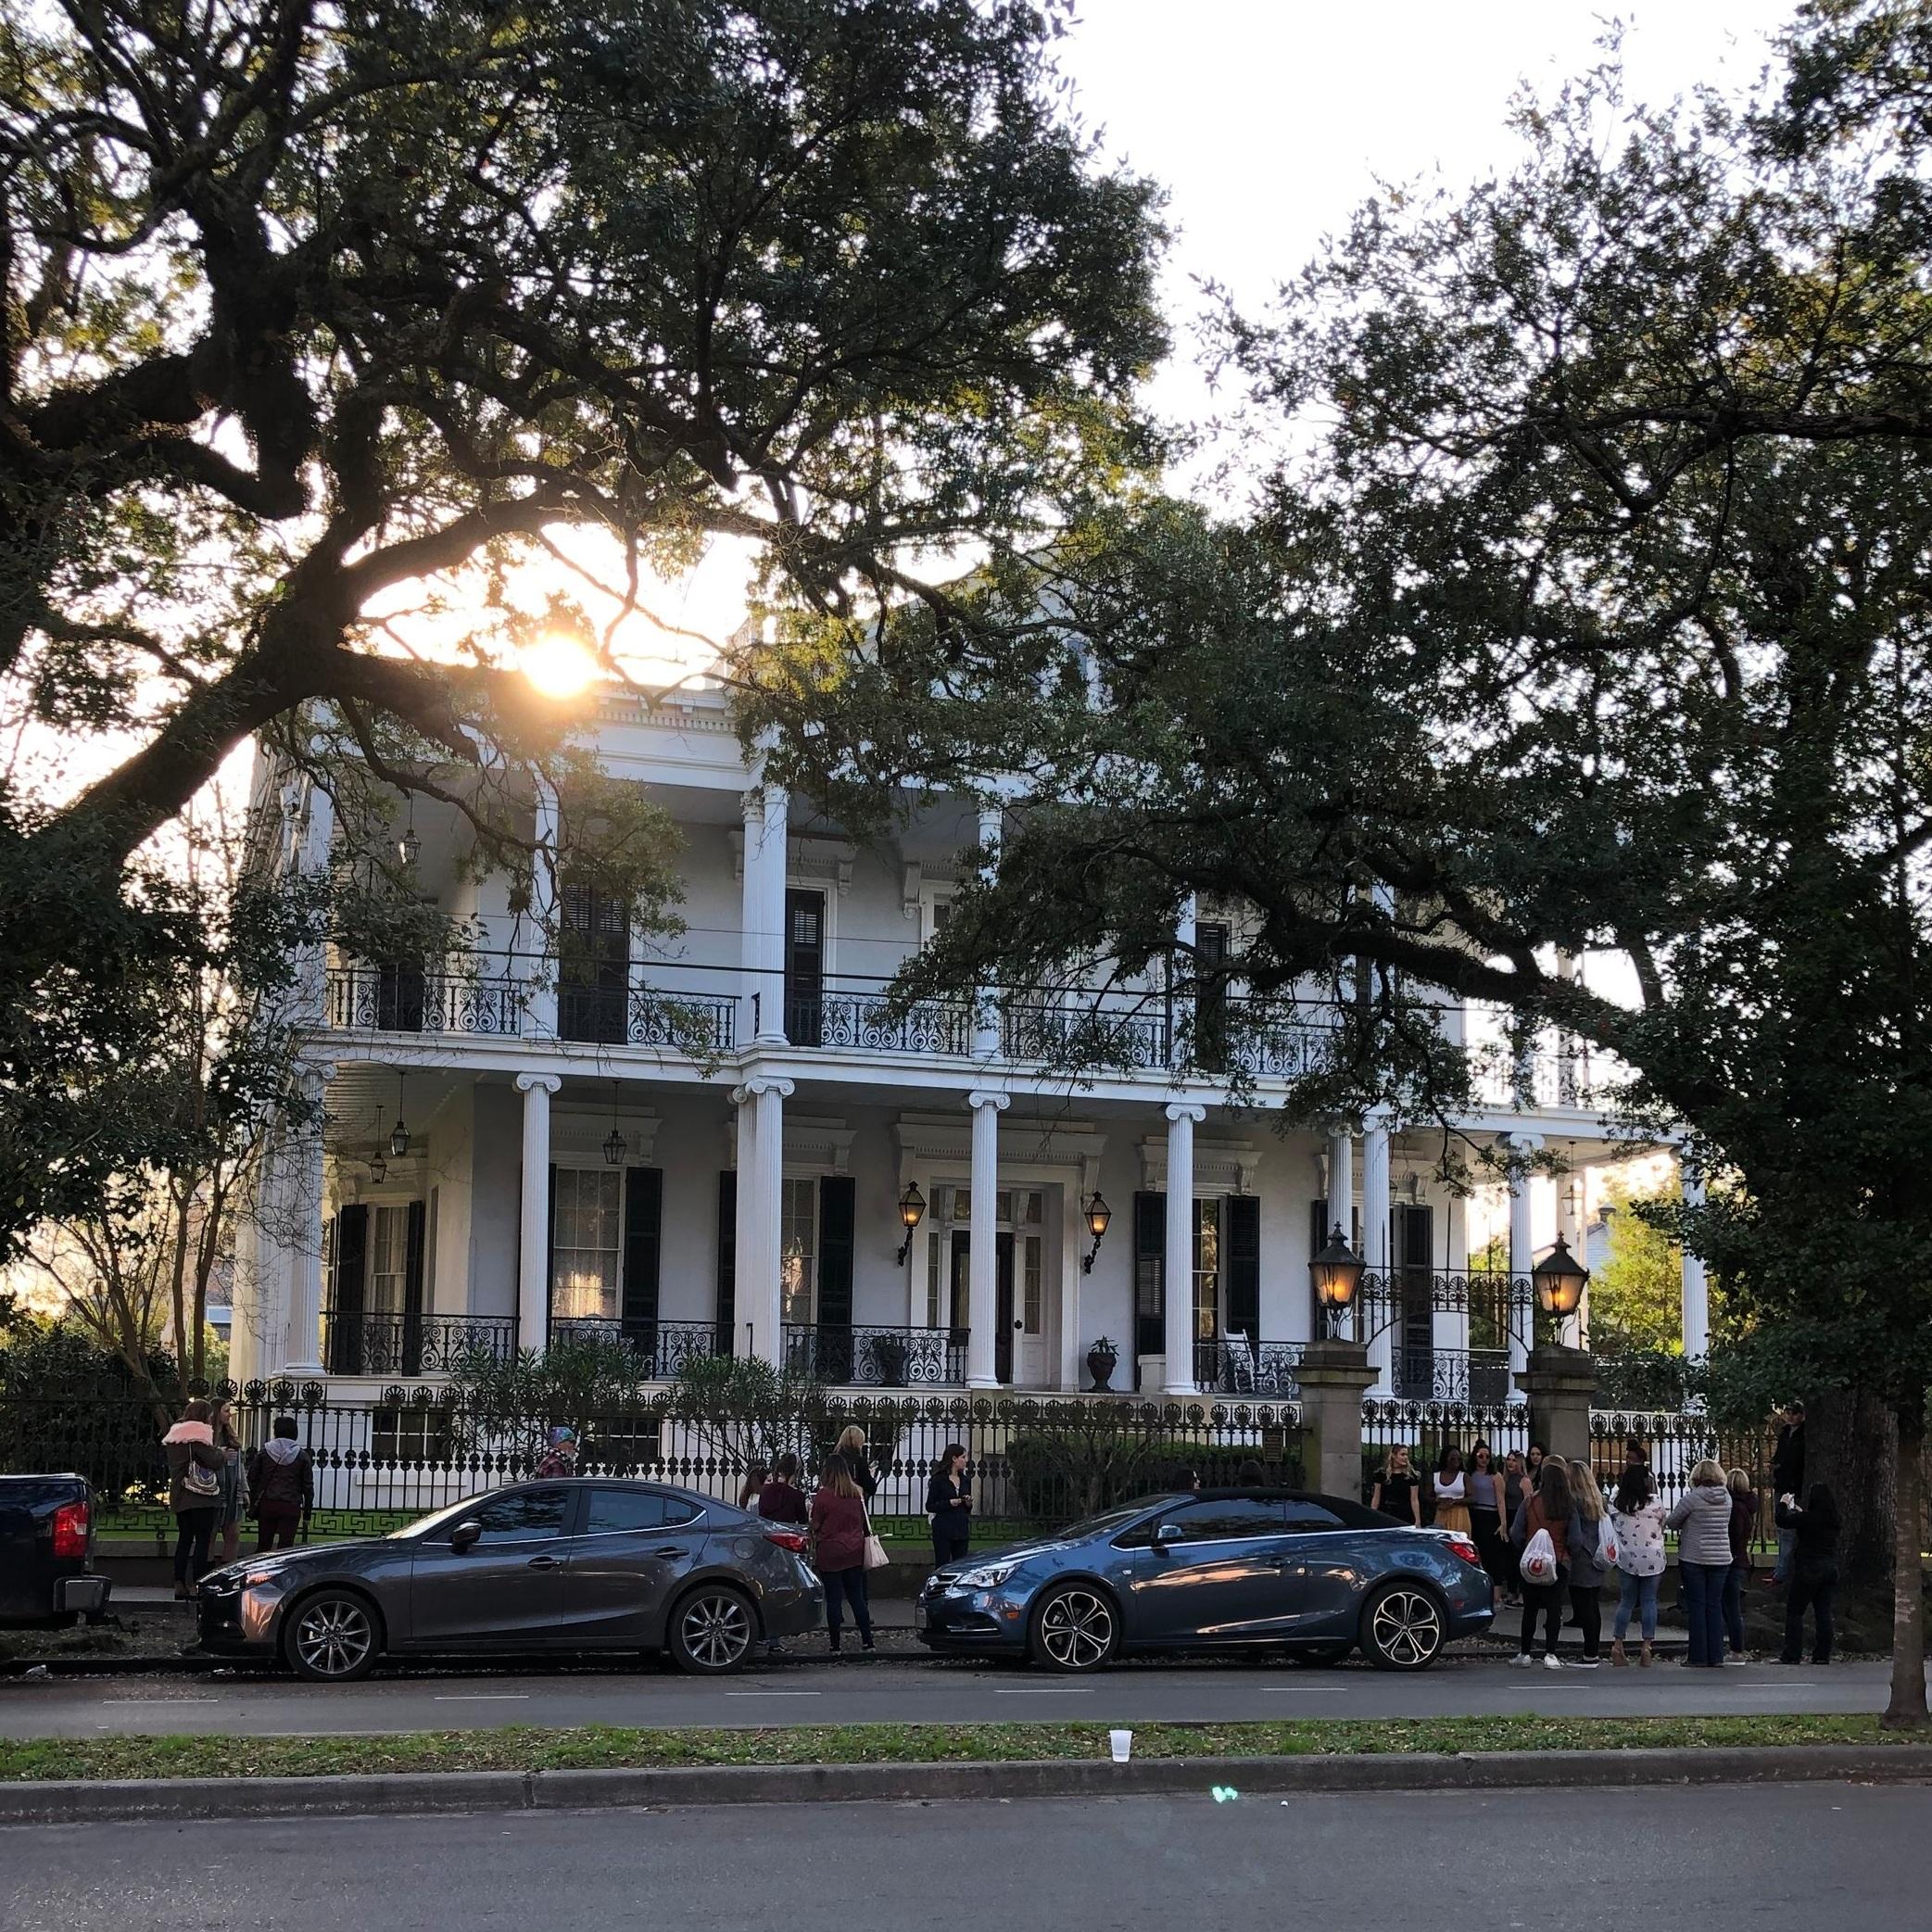 Buckner Mansion